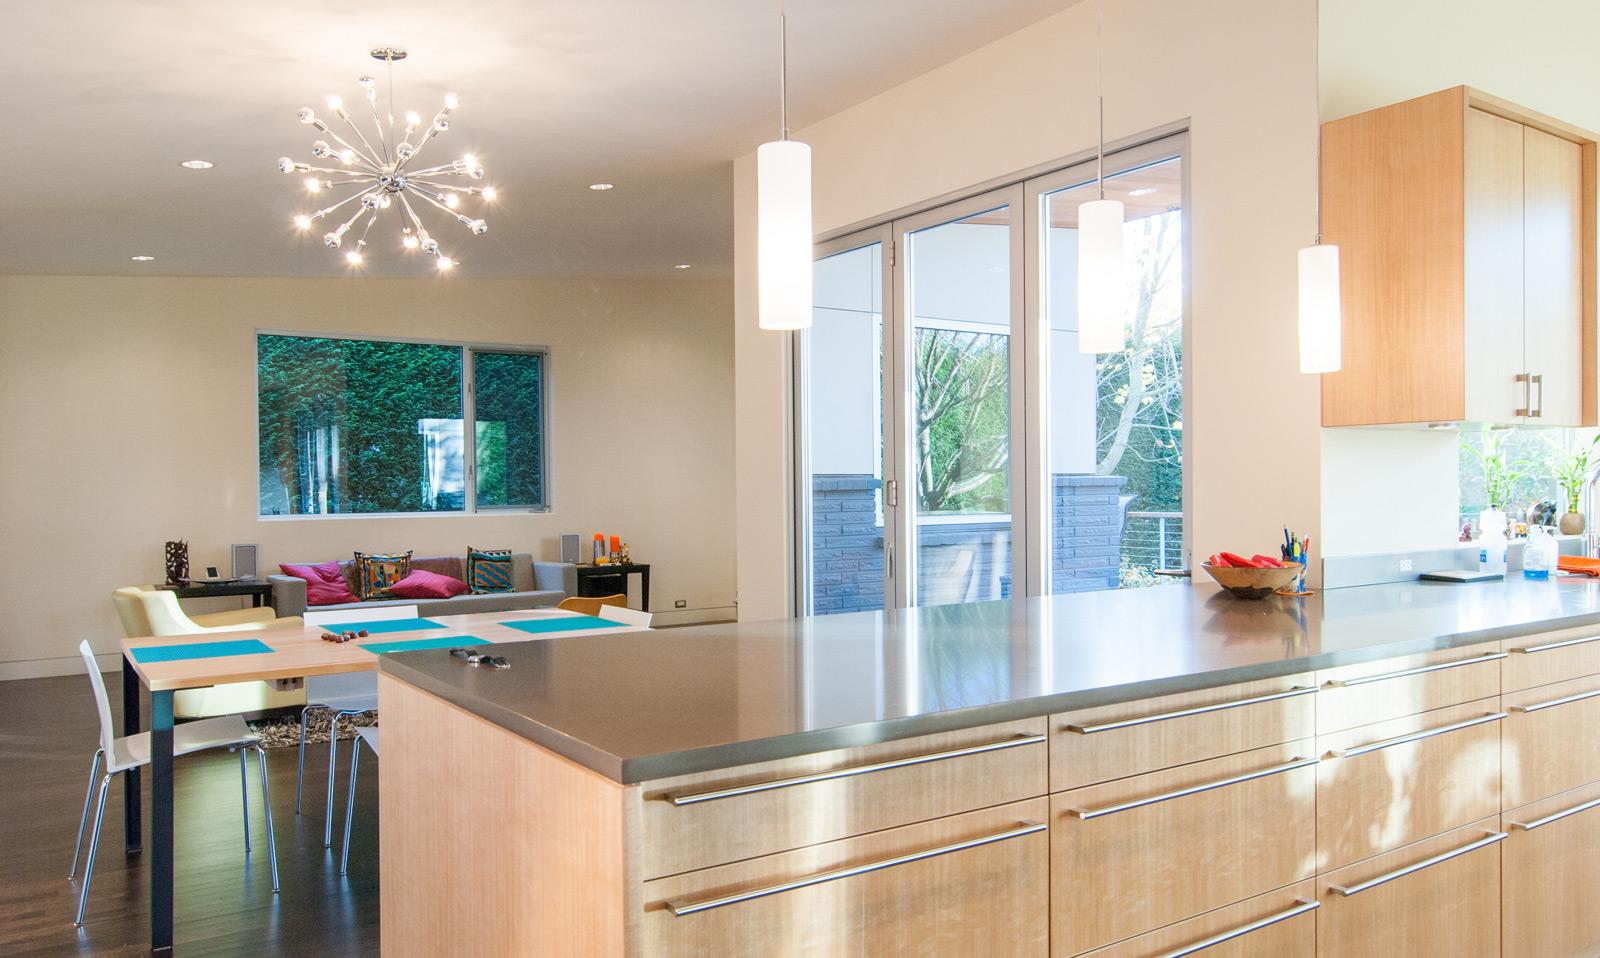 5 modern kitchen designs principles mid century kitchen chairs BUILD LLC Queen Anne Residence Kitchen 2